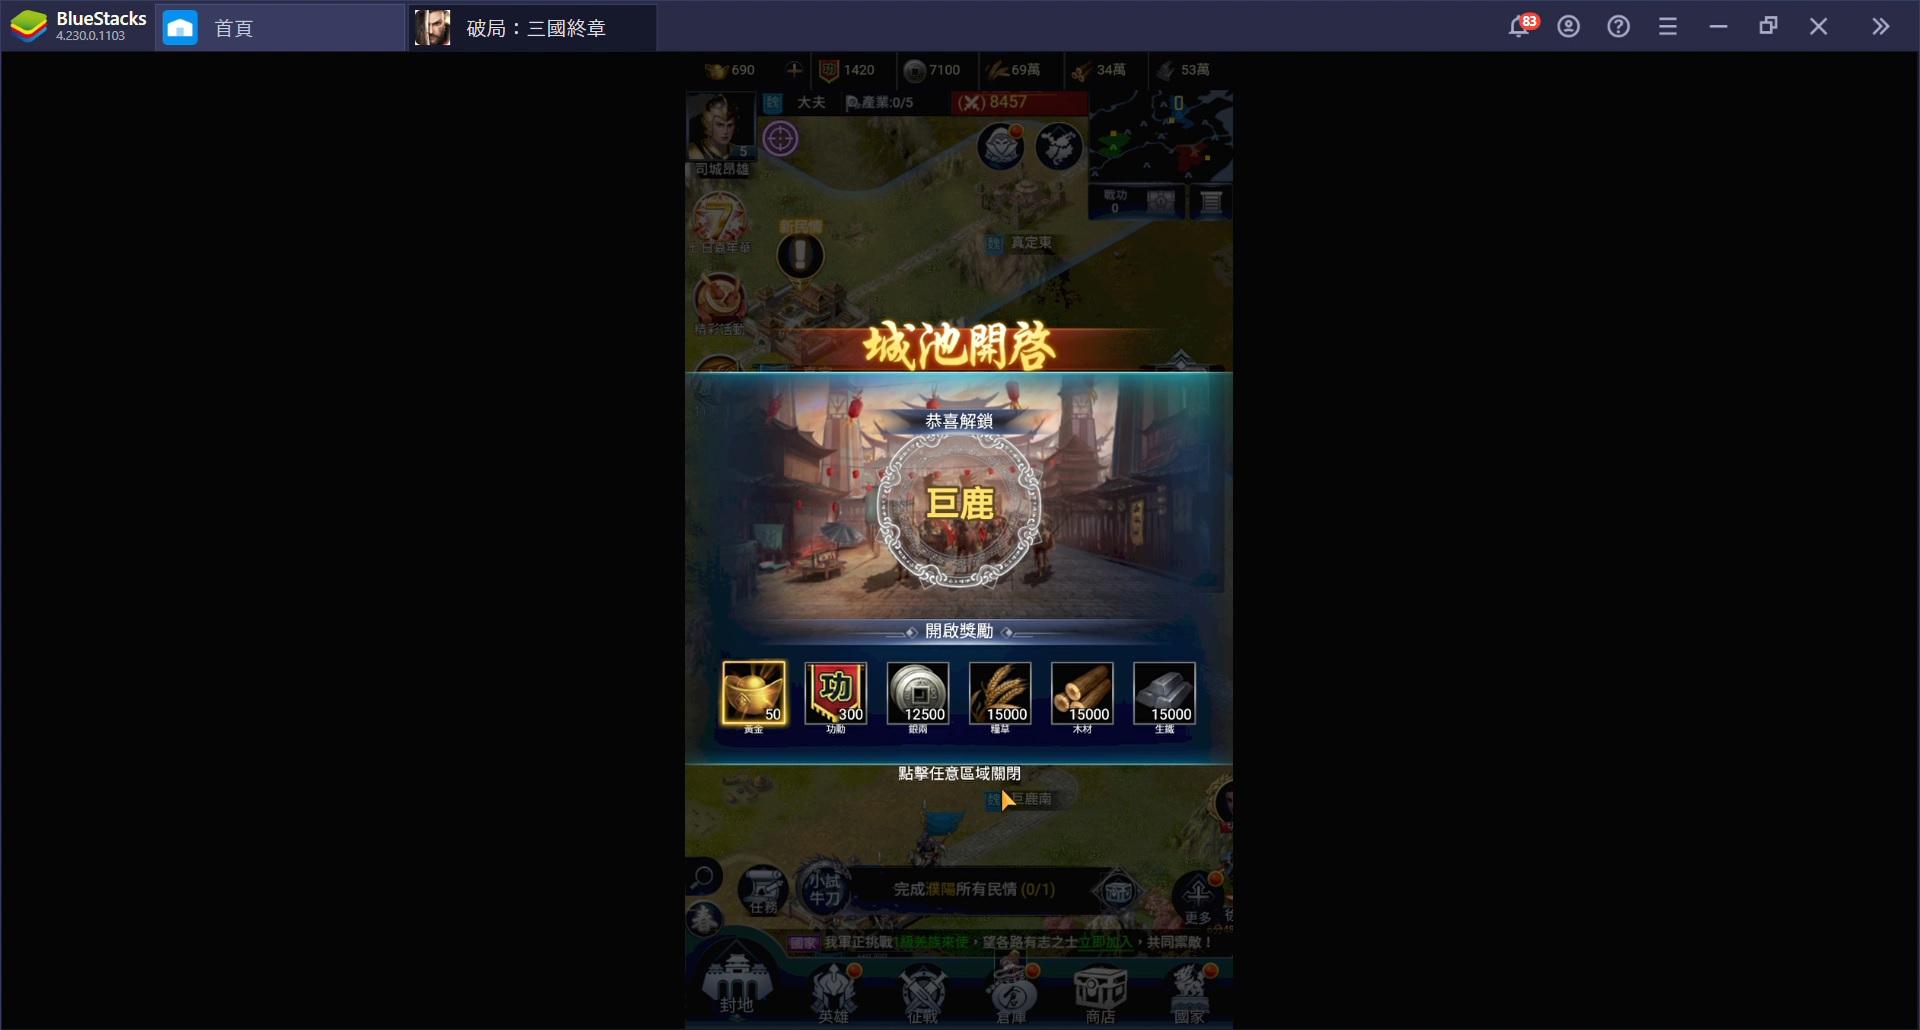 使用BlueStacks在PC上體驗三國題材SLG手游《破局:三國終章》